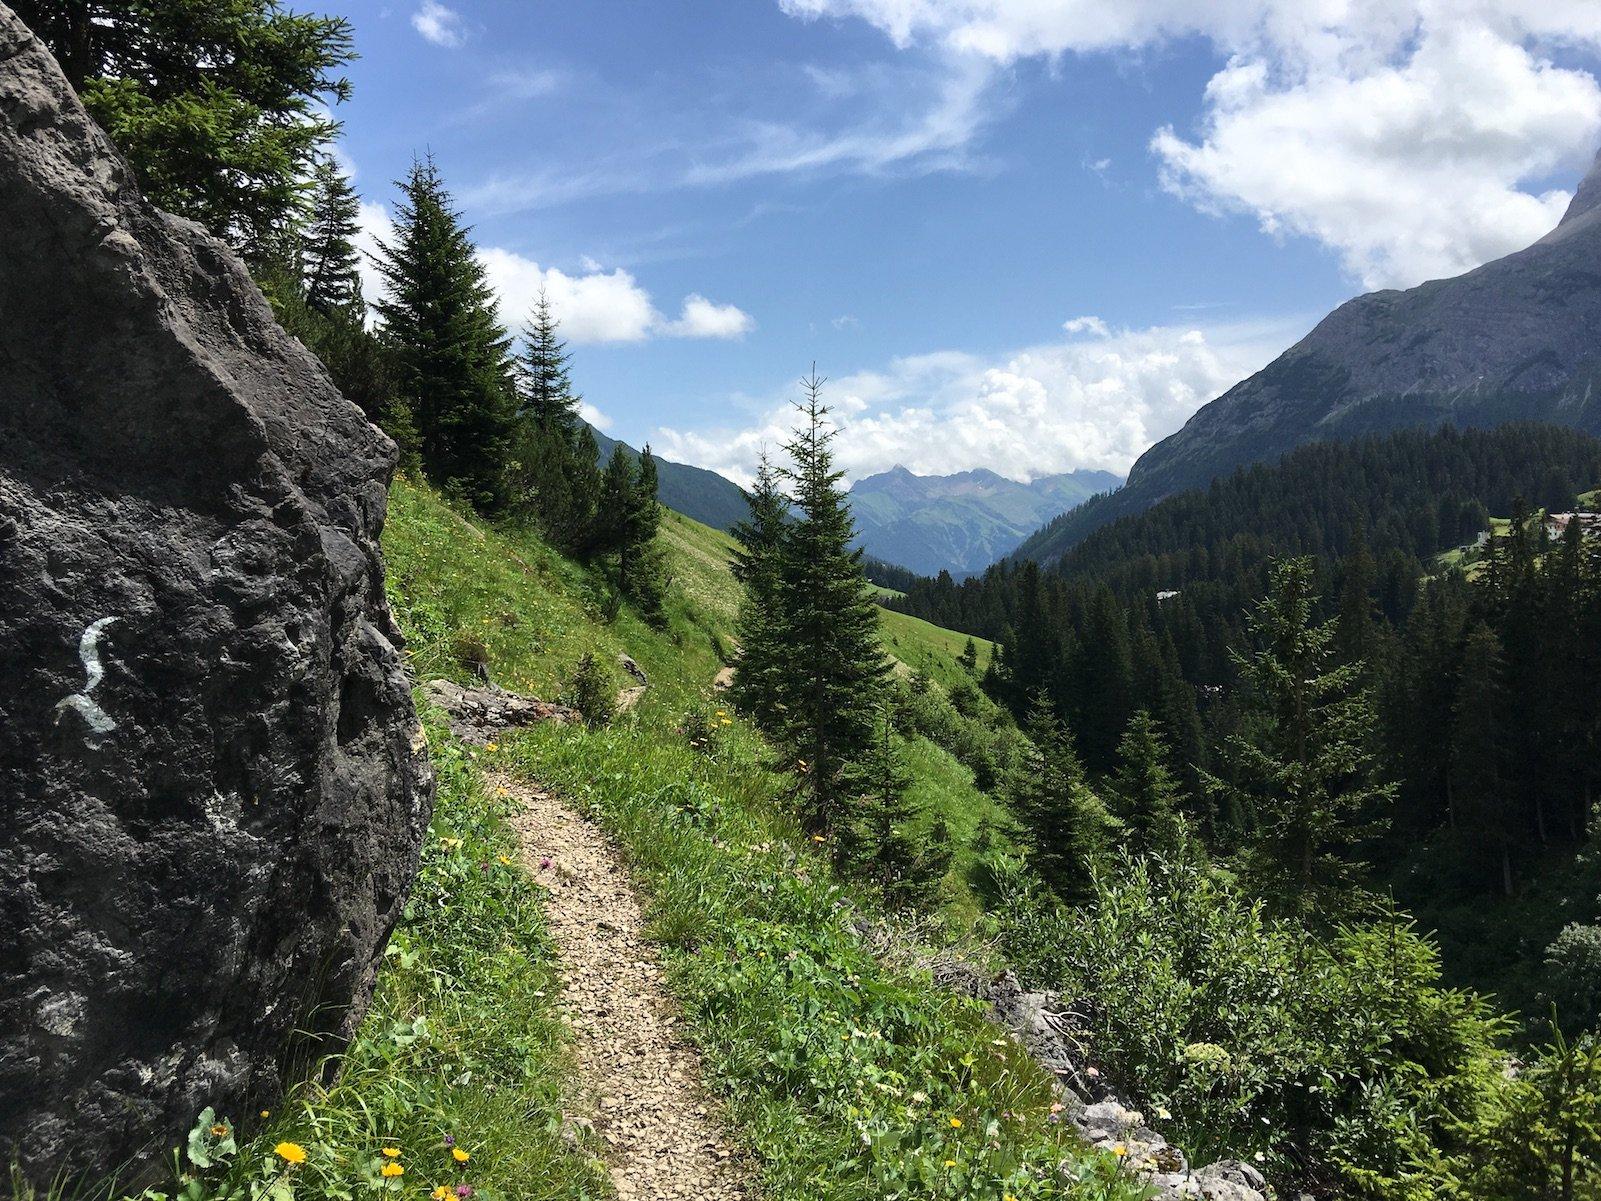 Am Hang entlang geht es nach Gehren zum Gehrnerhof